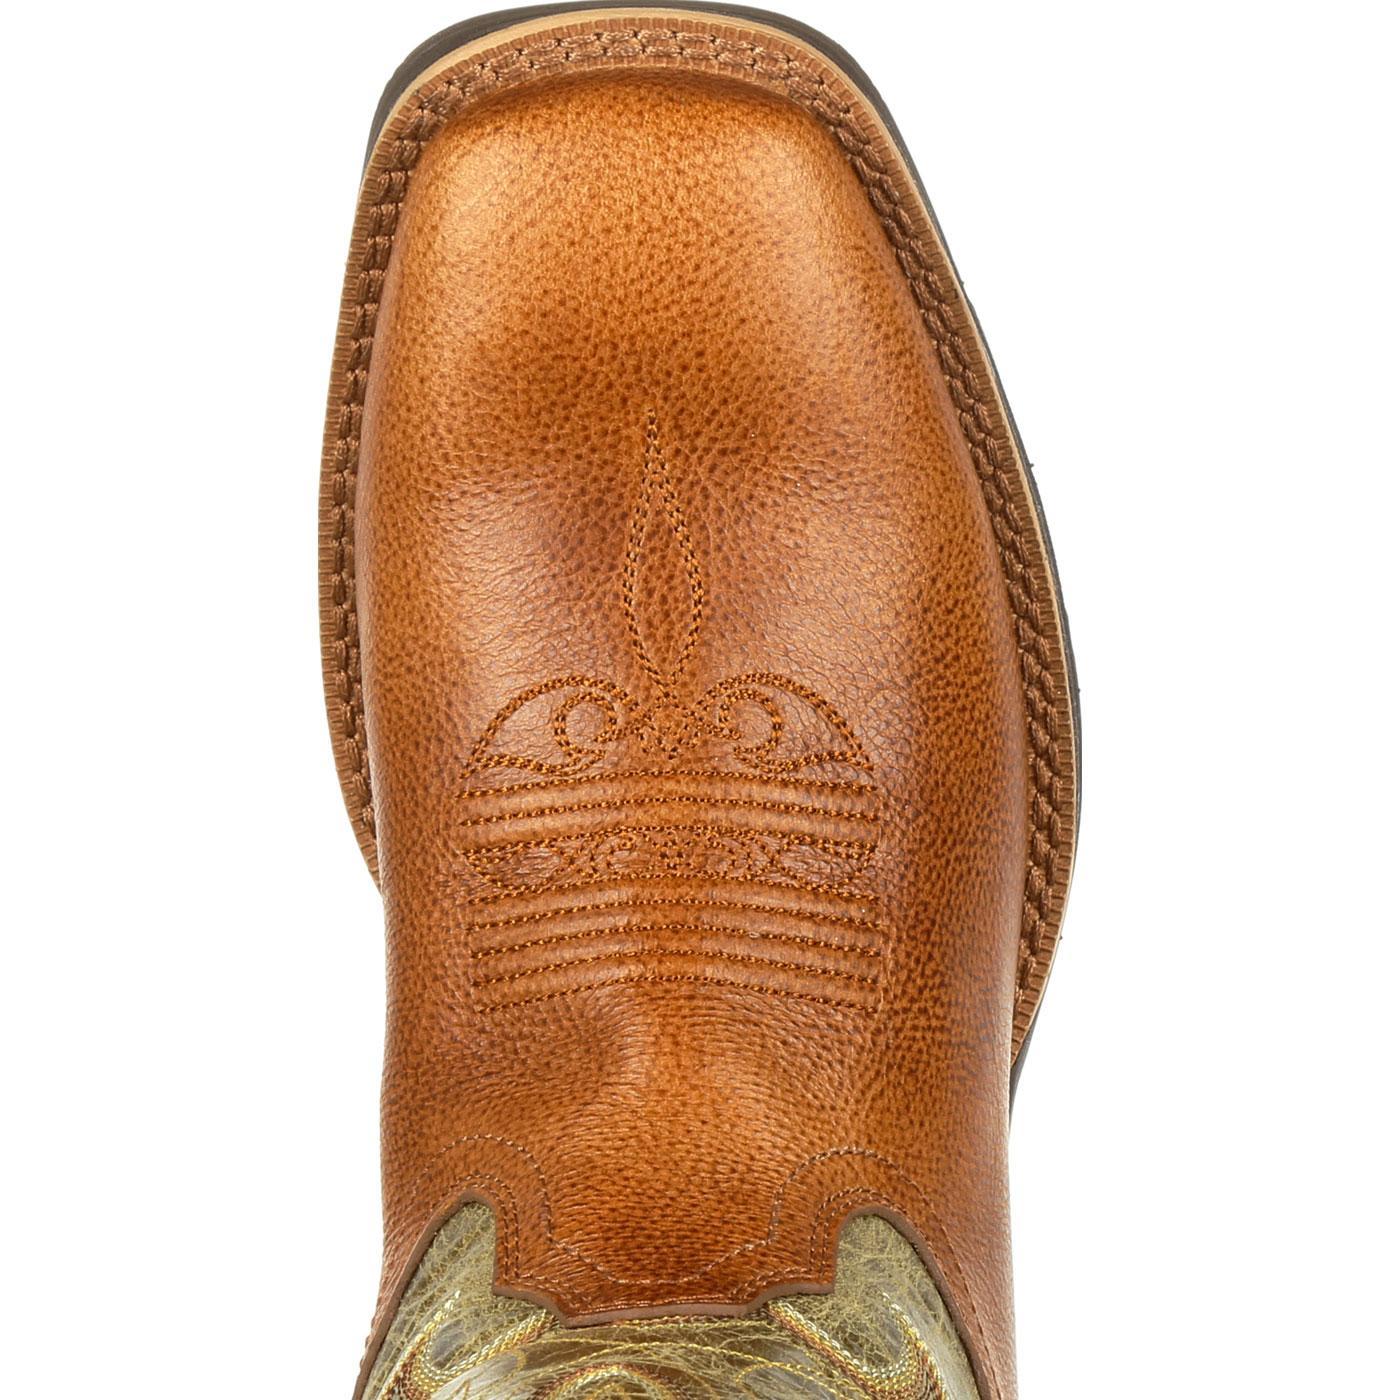 07d8ce988 Images. Durango Ultra-Lite Women's Honey Tan Western Boot ...